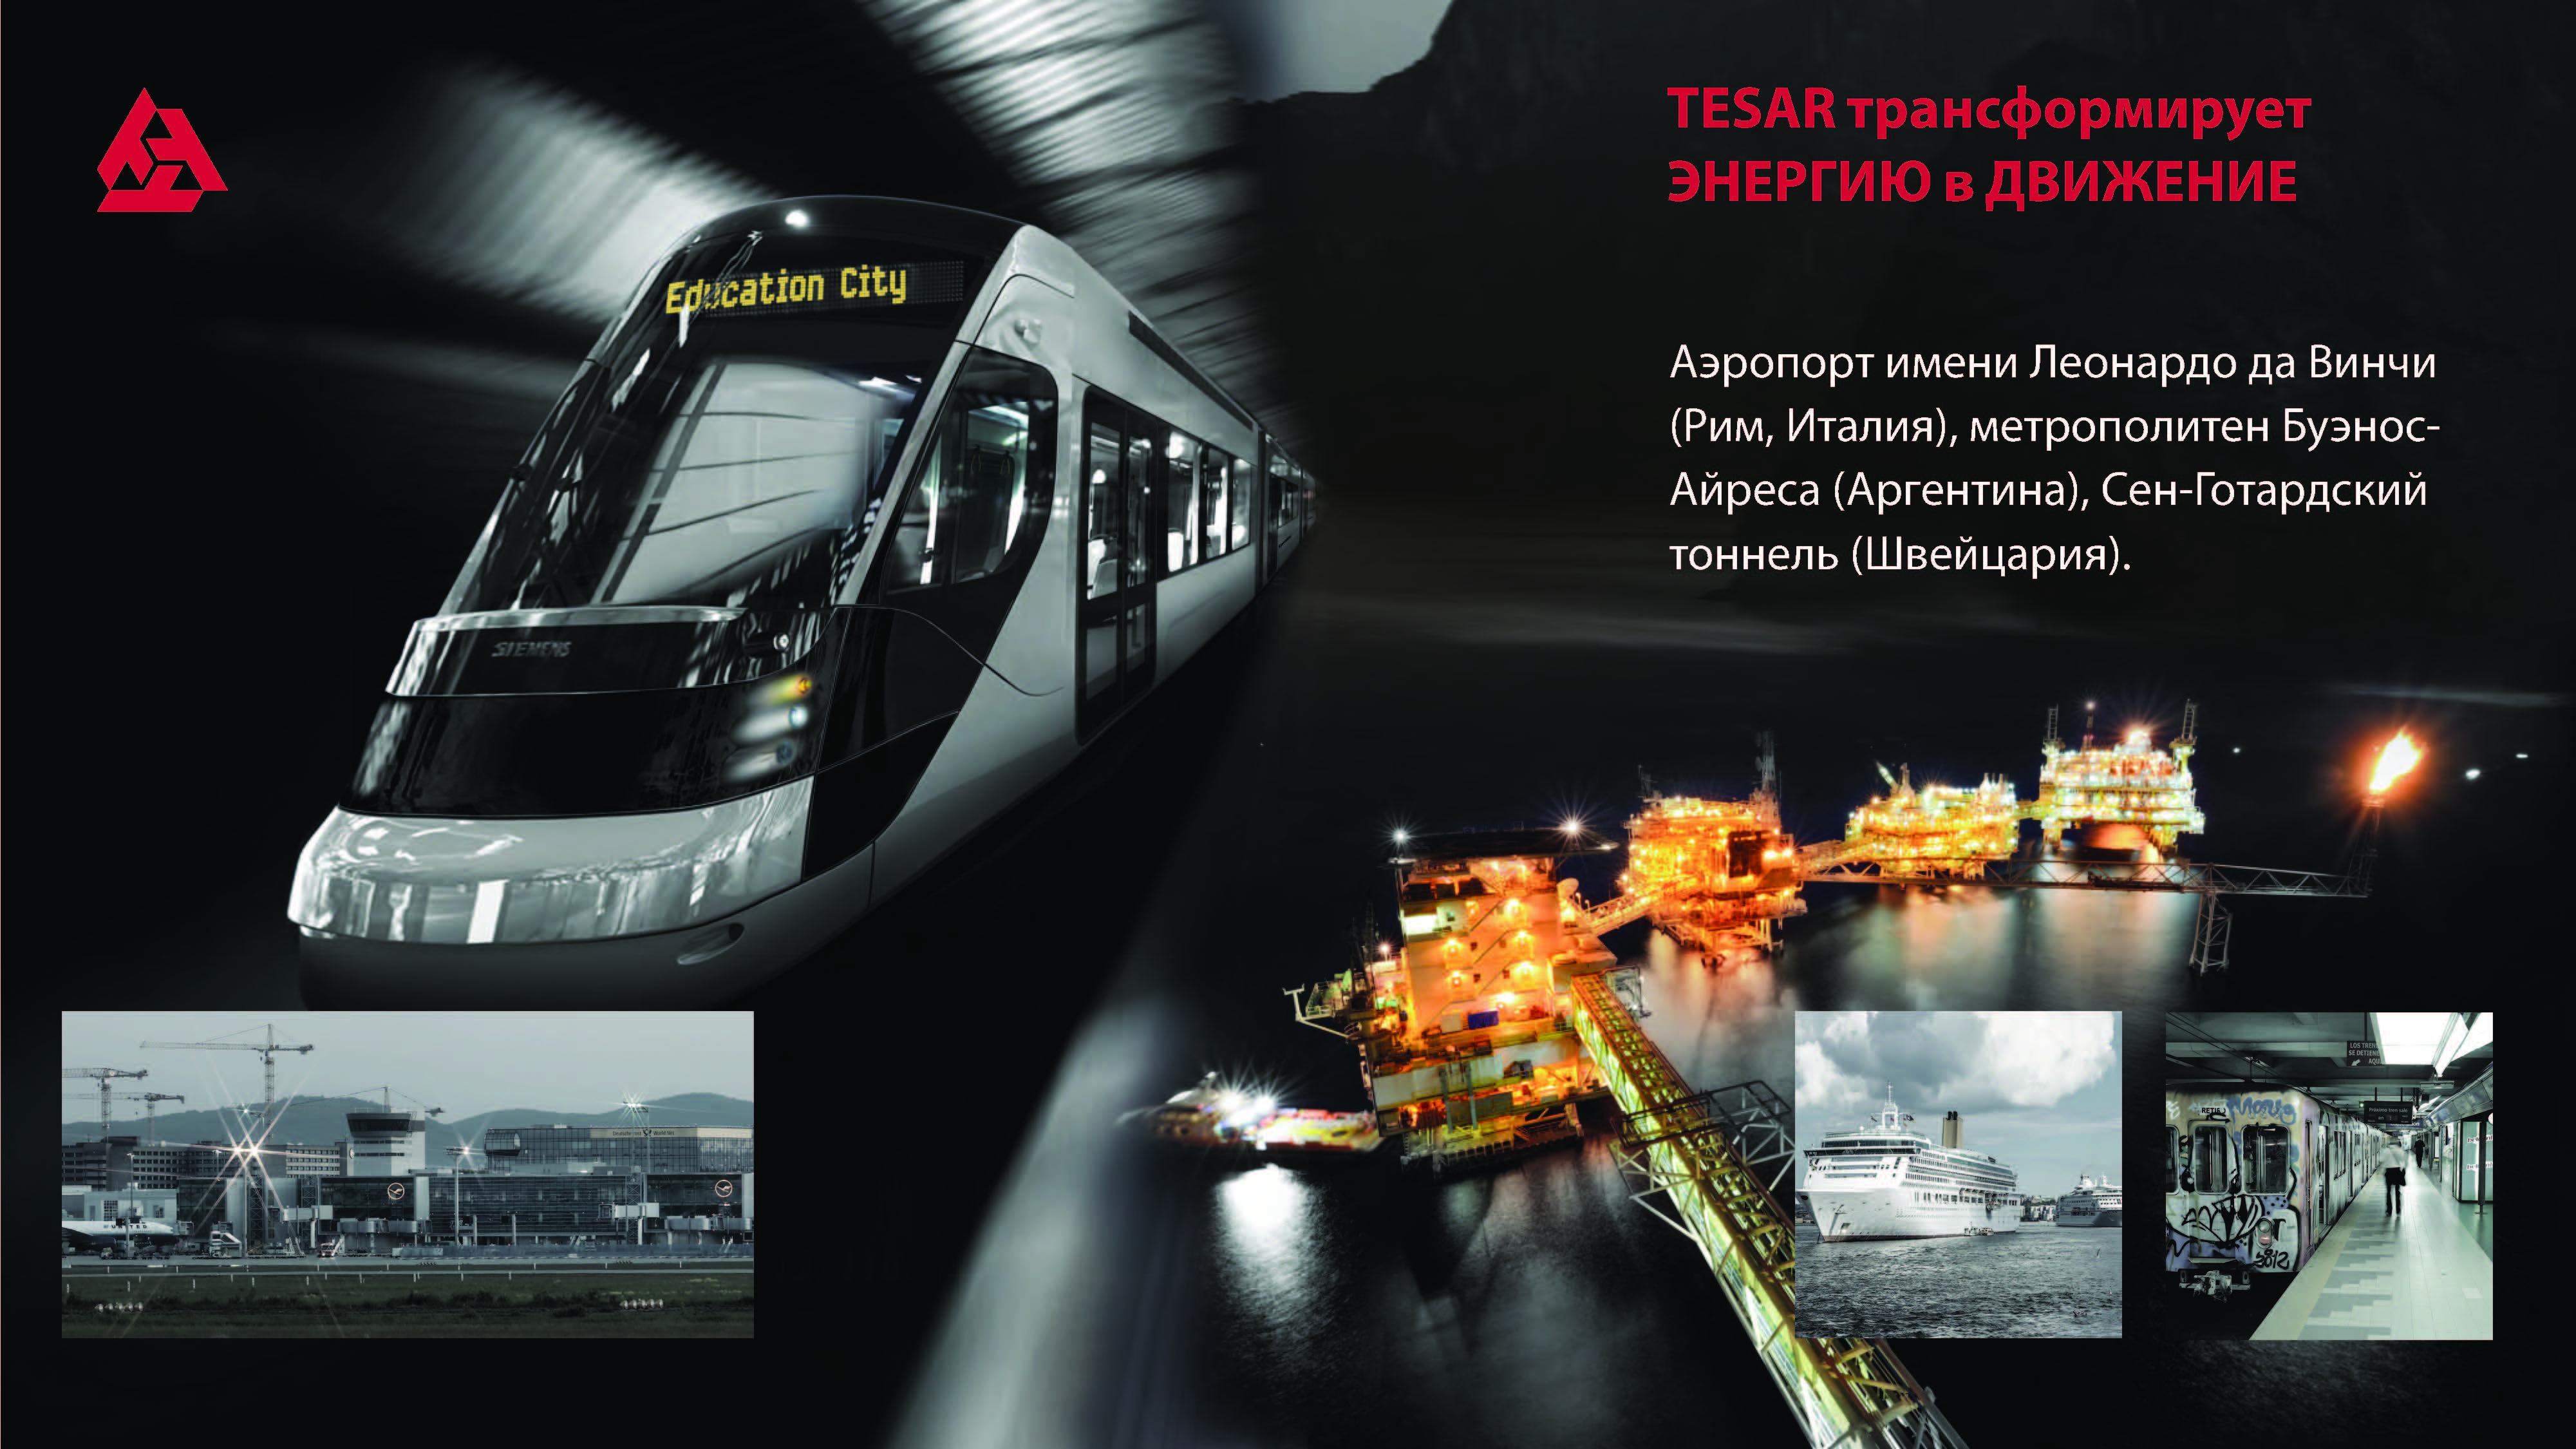 Tesar трансформирует энергию в движение